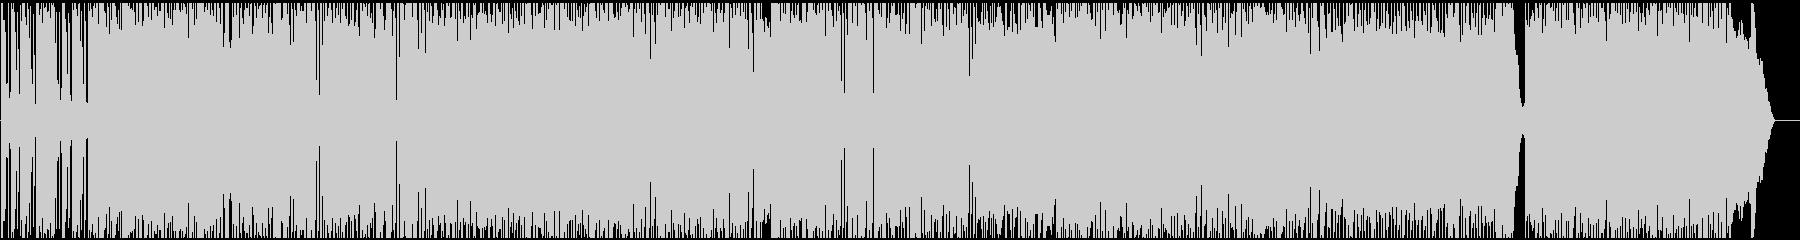 スピーディで迫力のあるロックBGMの未再生の波形